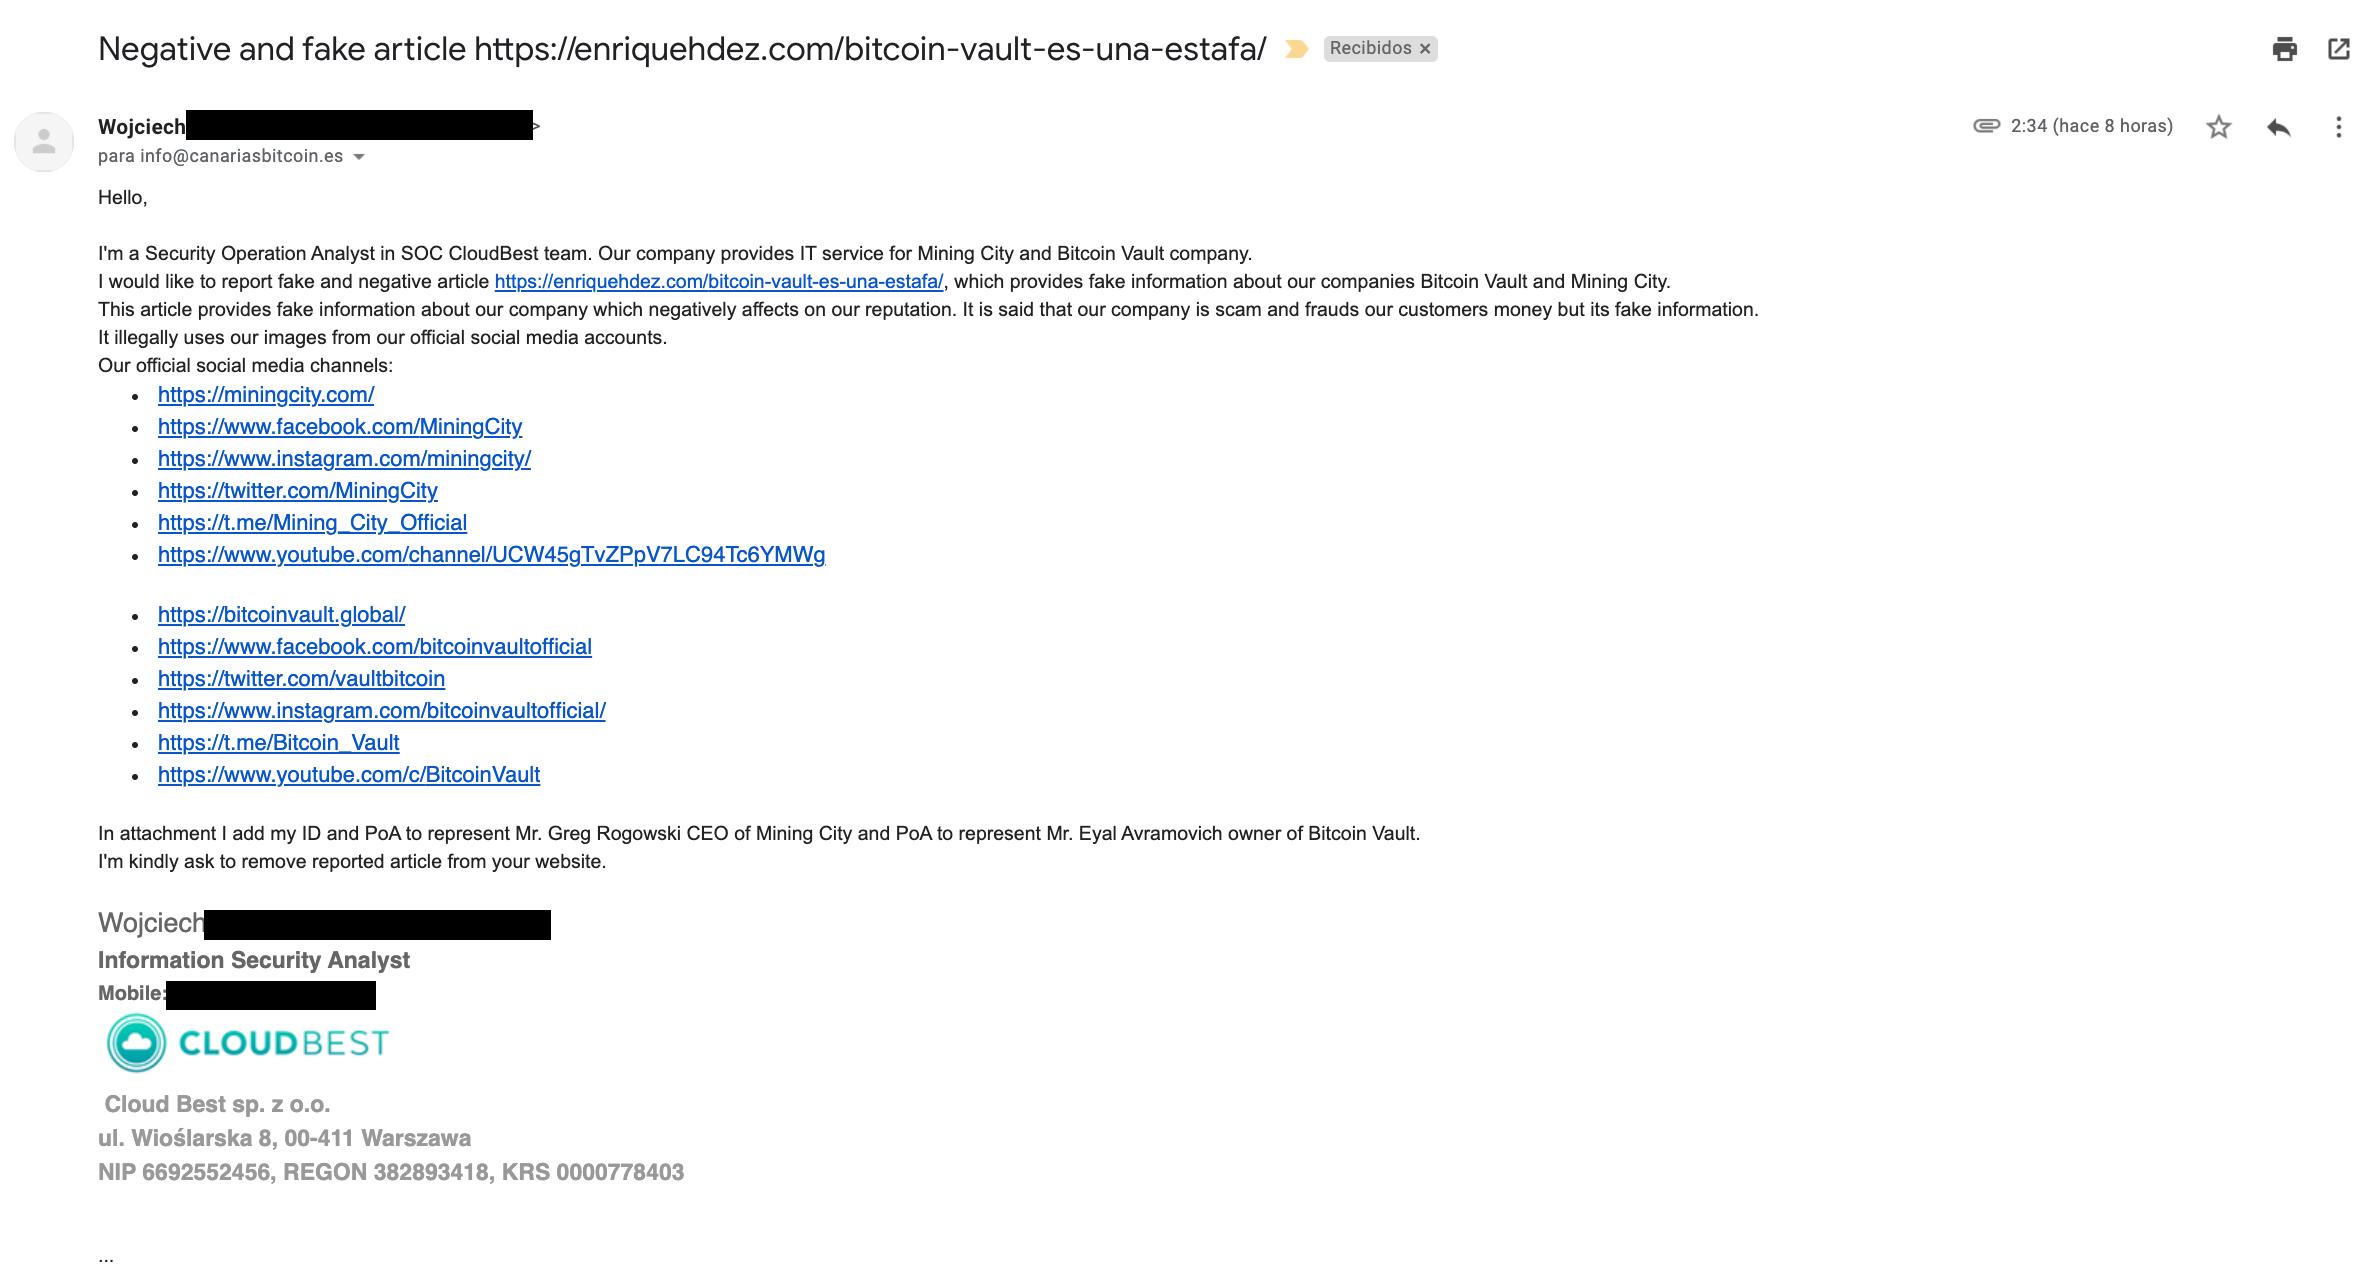 Mail de representante de bitcoin vault y mining city solicitando la eliminación del blog